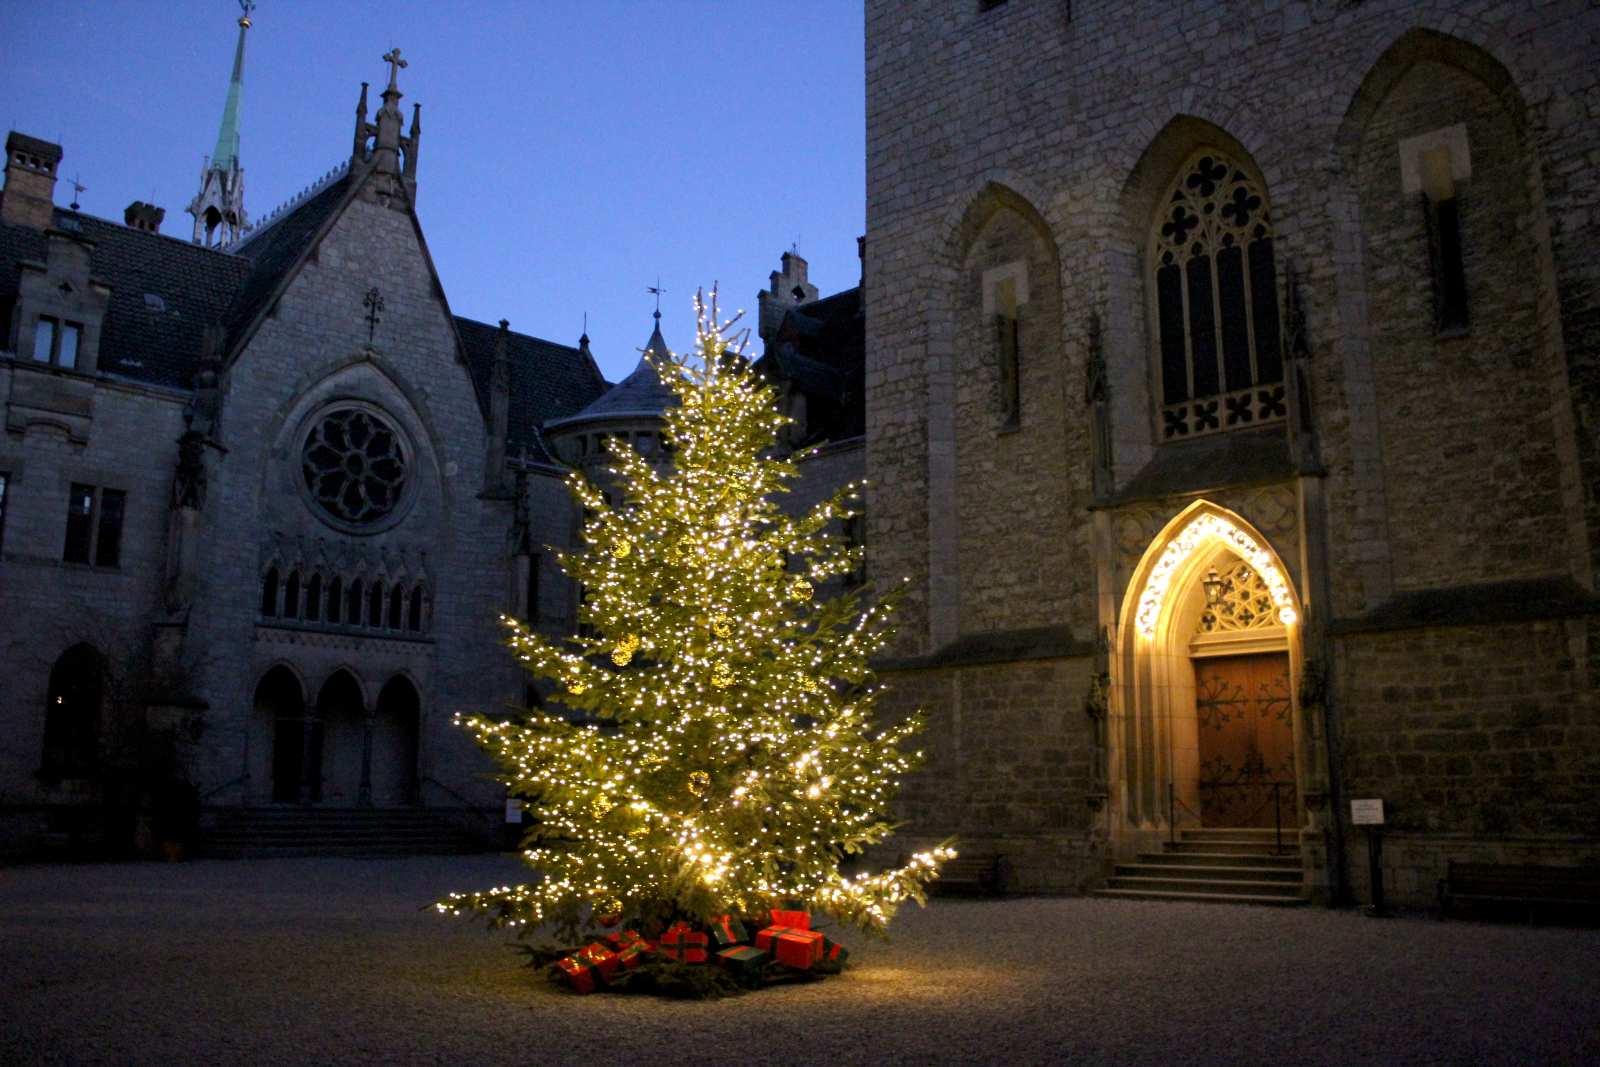 Weihnachtsbaum im Schloss Marienburg